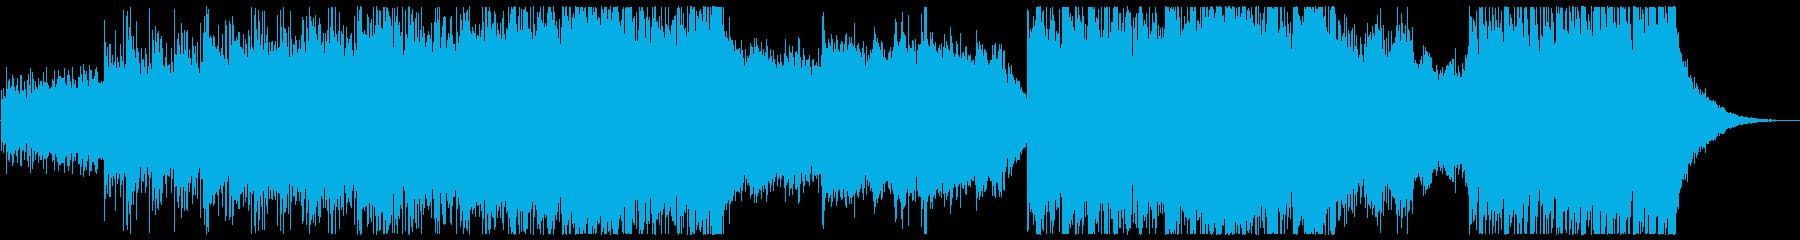 爽やか、ラジオ、キラキラ、チルアウトの再生済みの波形